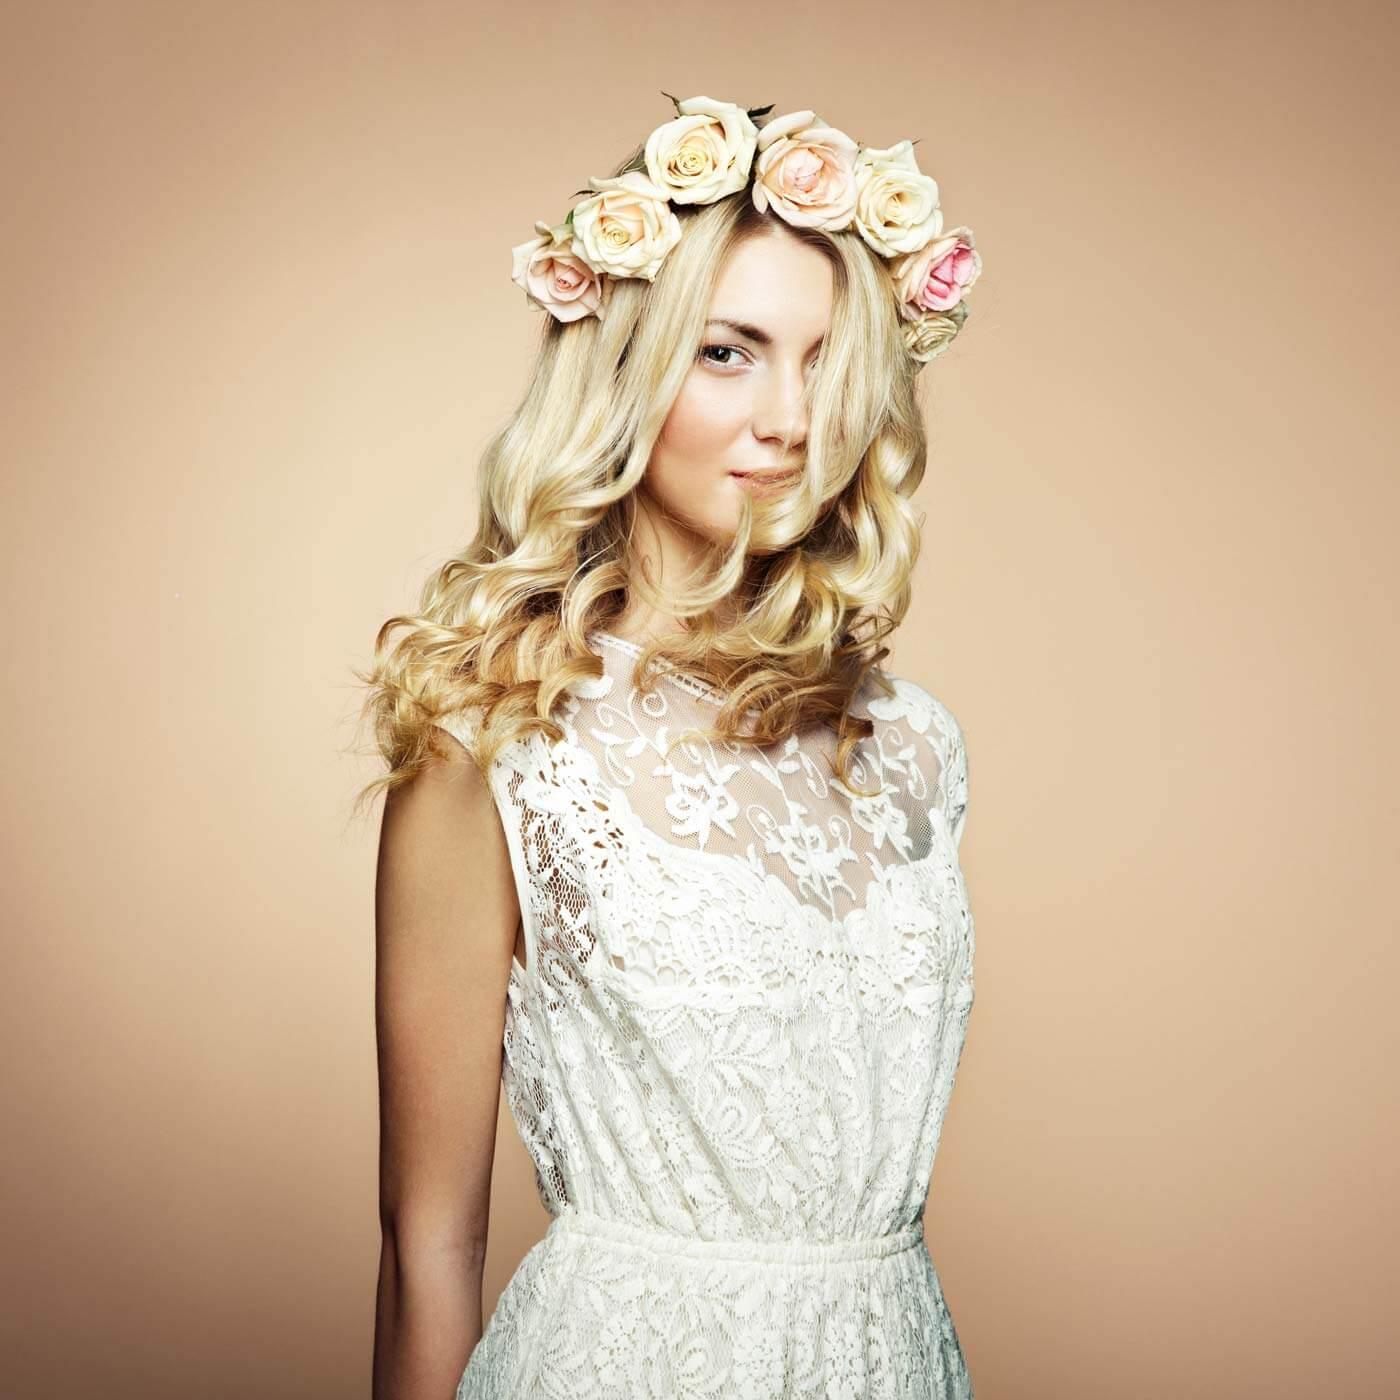 Standesamt-Kleid: Beispiele, Tipps & Tricks zu Auswahl & Shopping